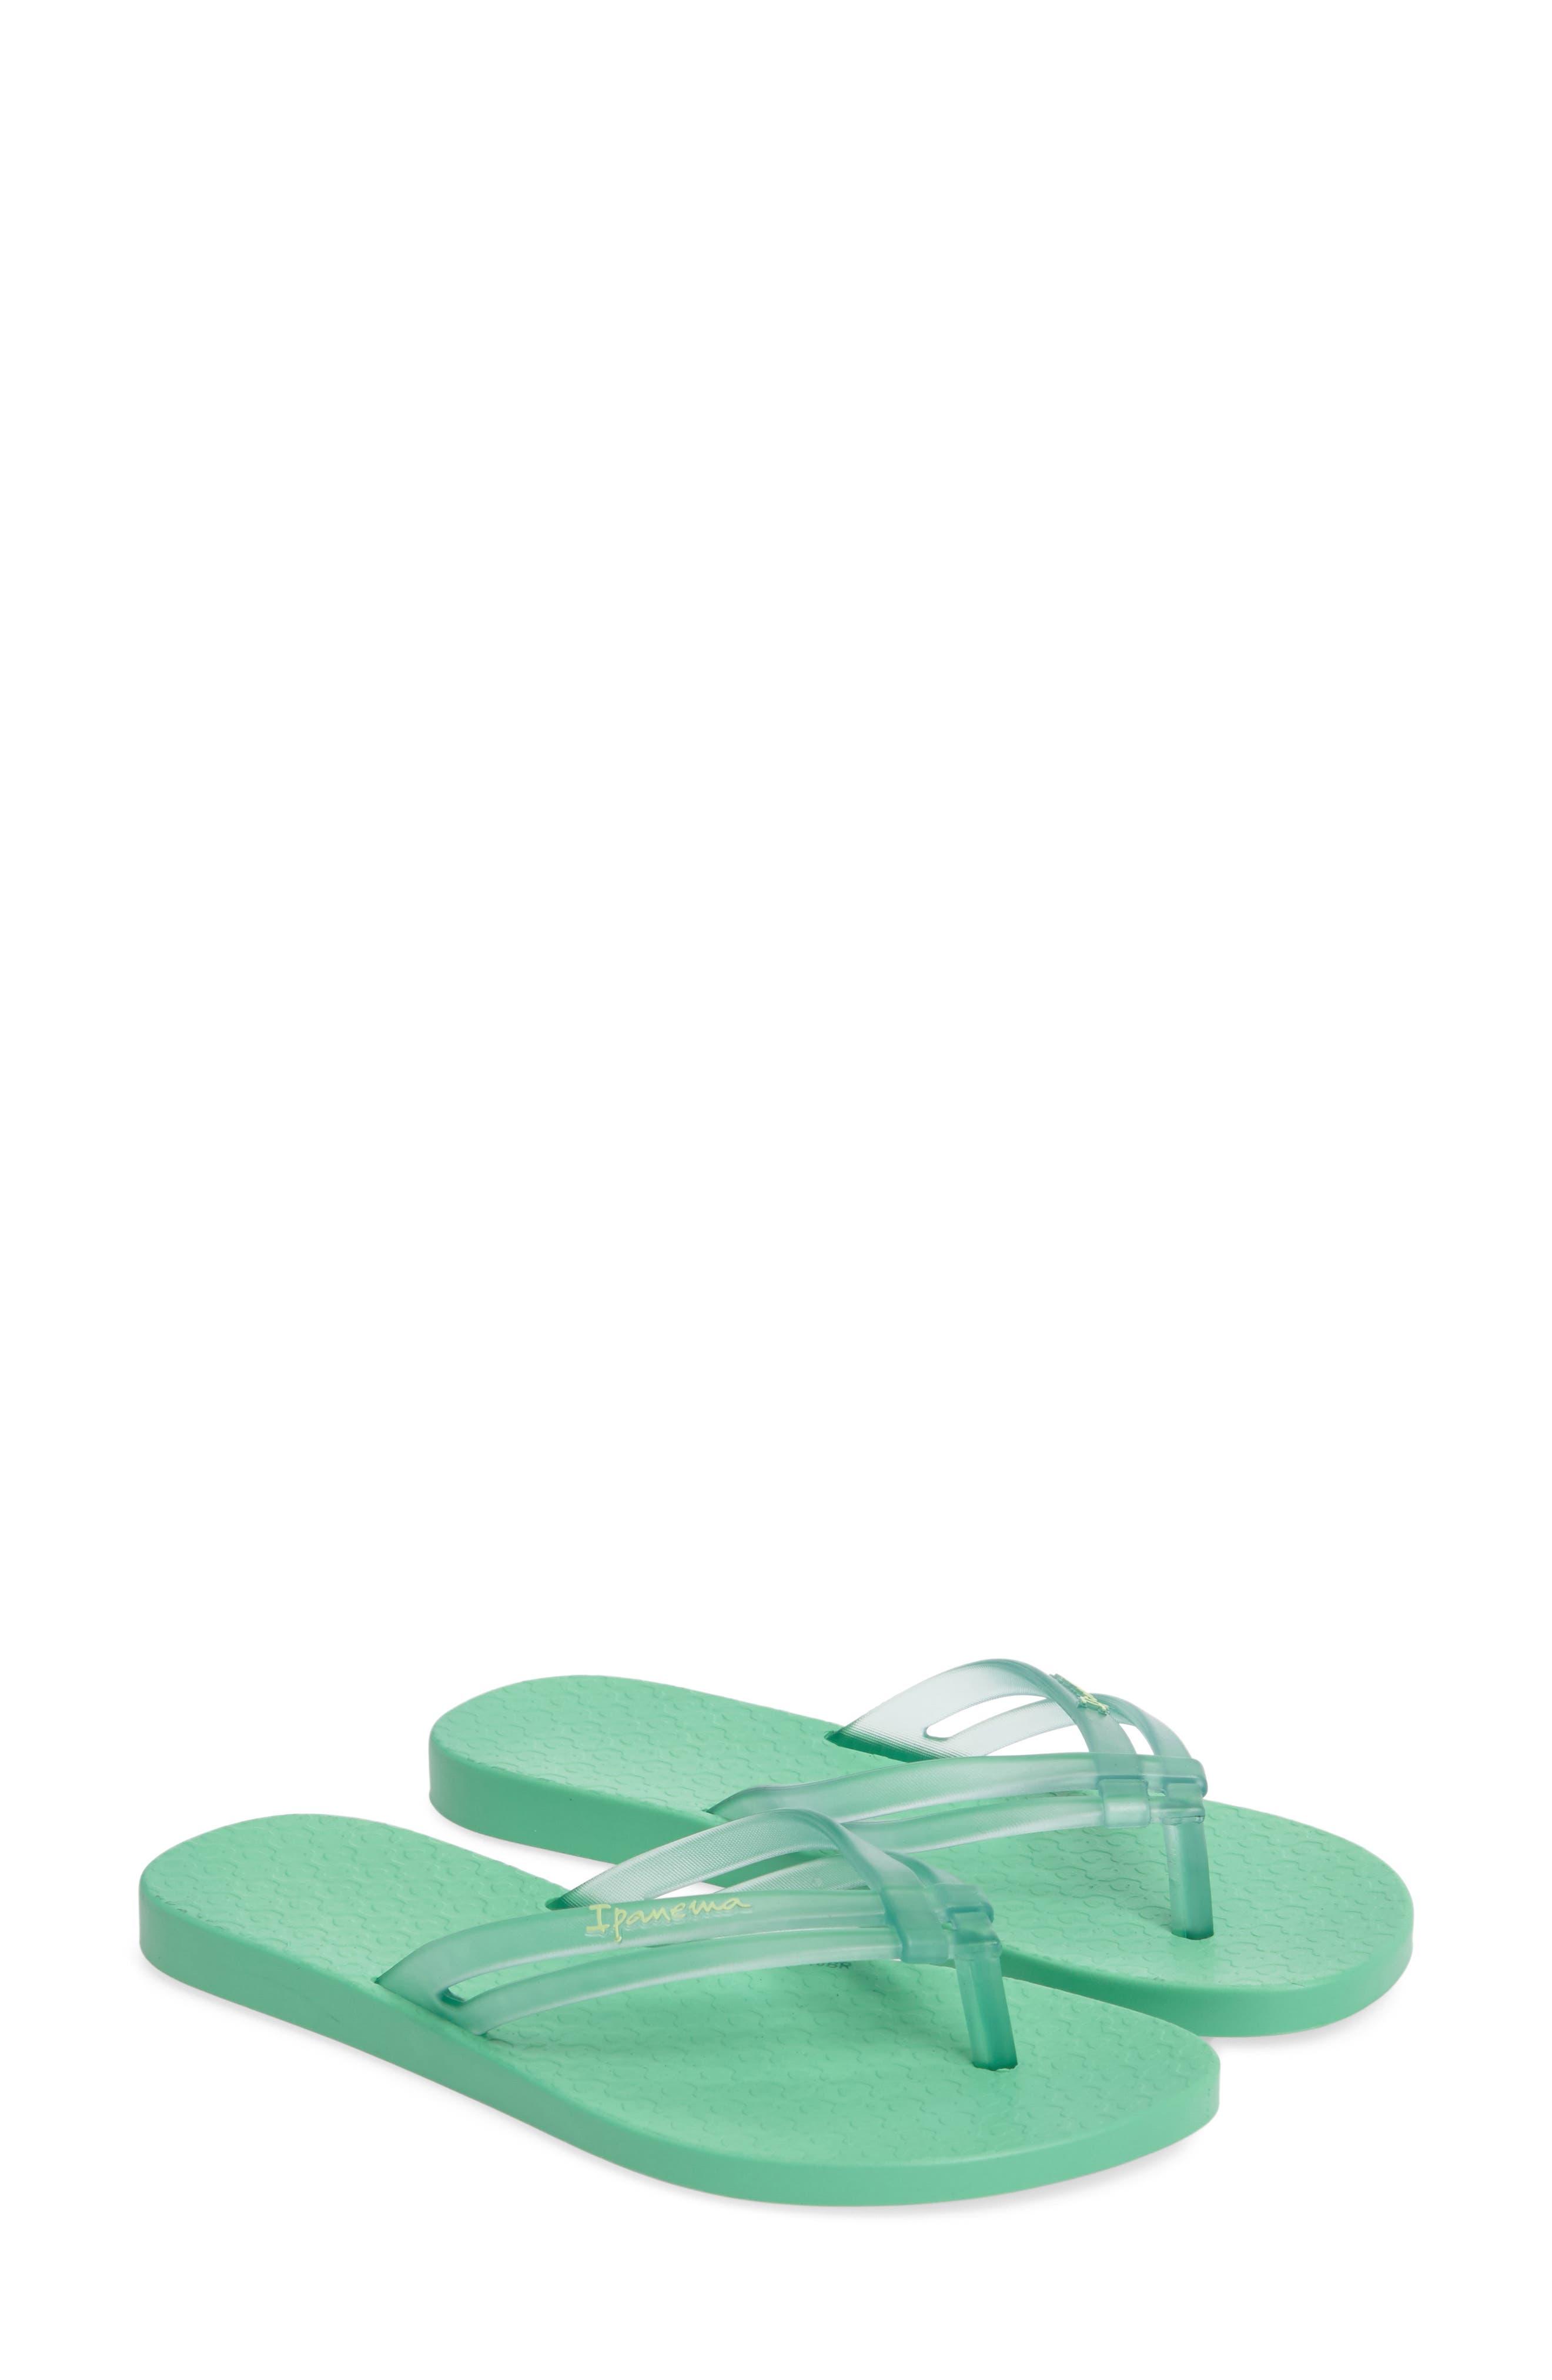 Hashtag Flip Flop,                         Main,                         color,